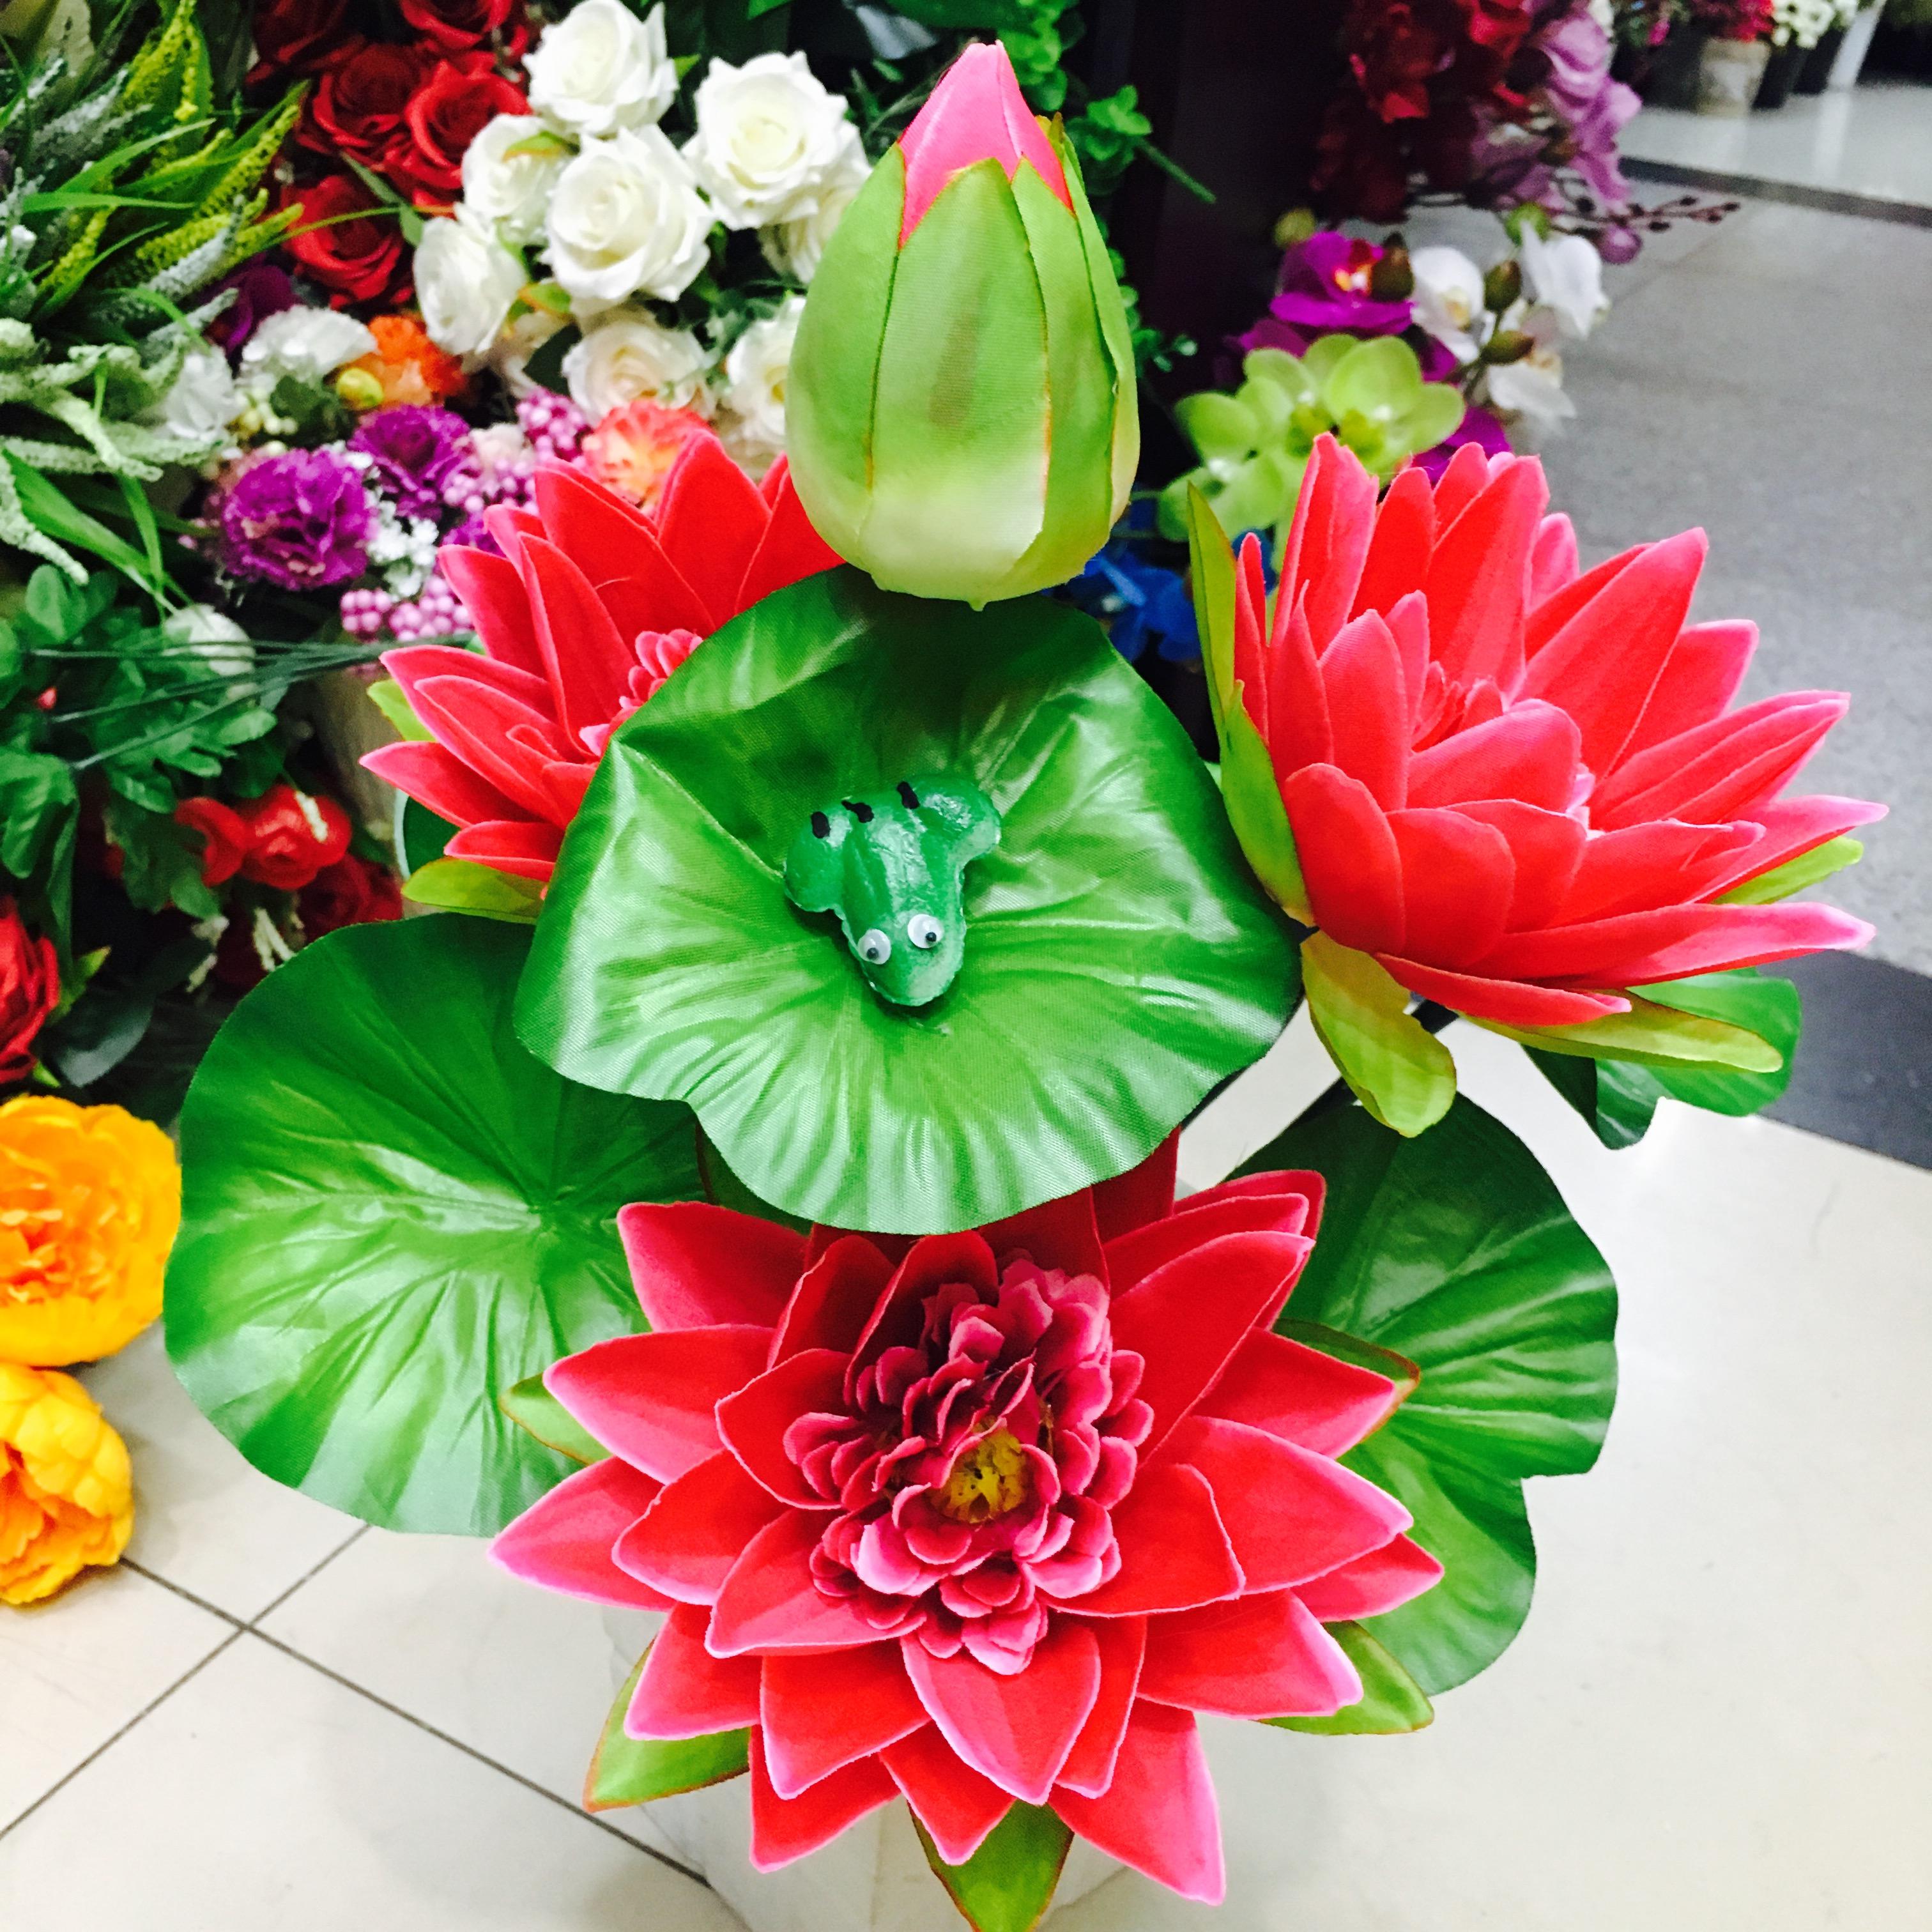 Supply Imitation Lotus Flower Lilies Flowers For Buddha Plastic Fake